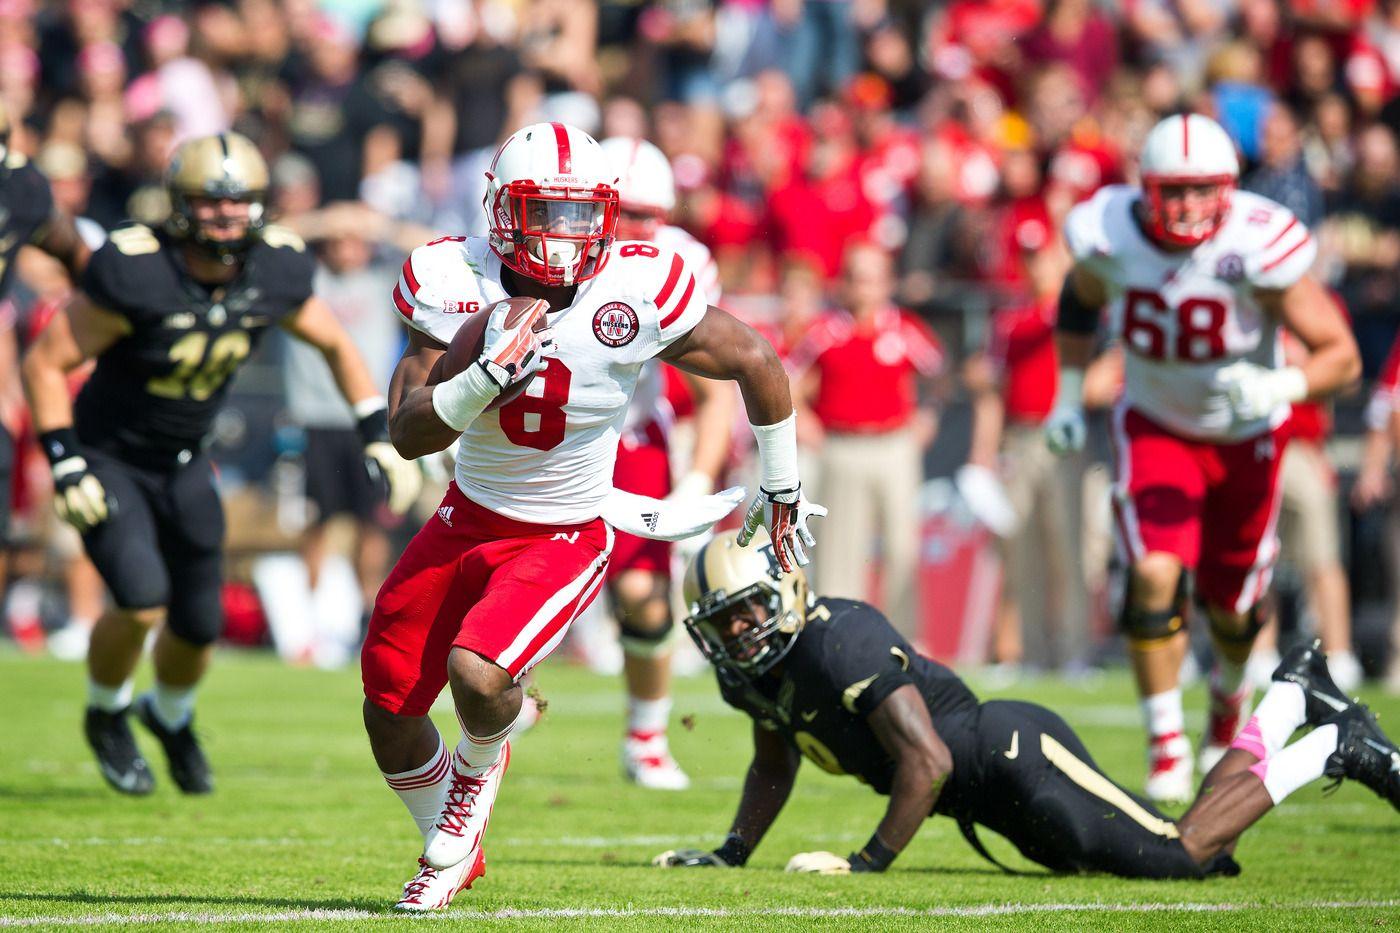 Nebraska running back Ameer Abdullah scores a touchdown in